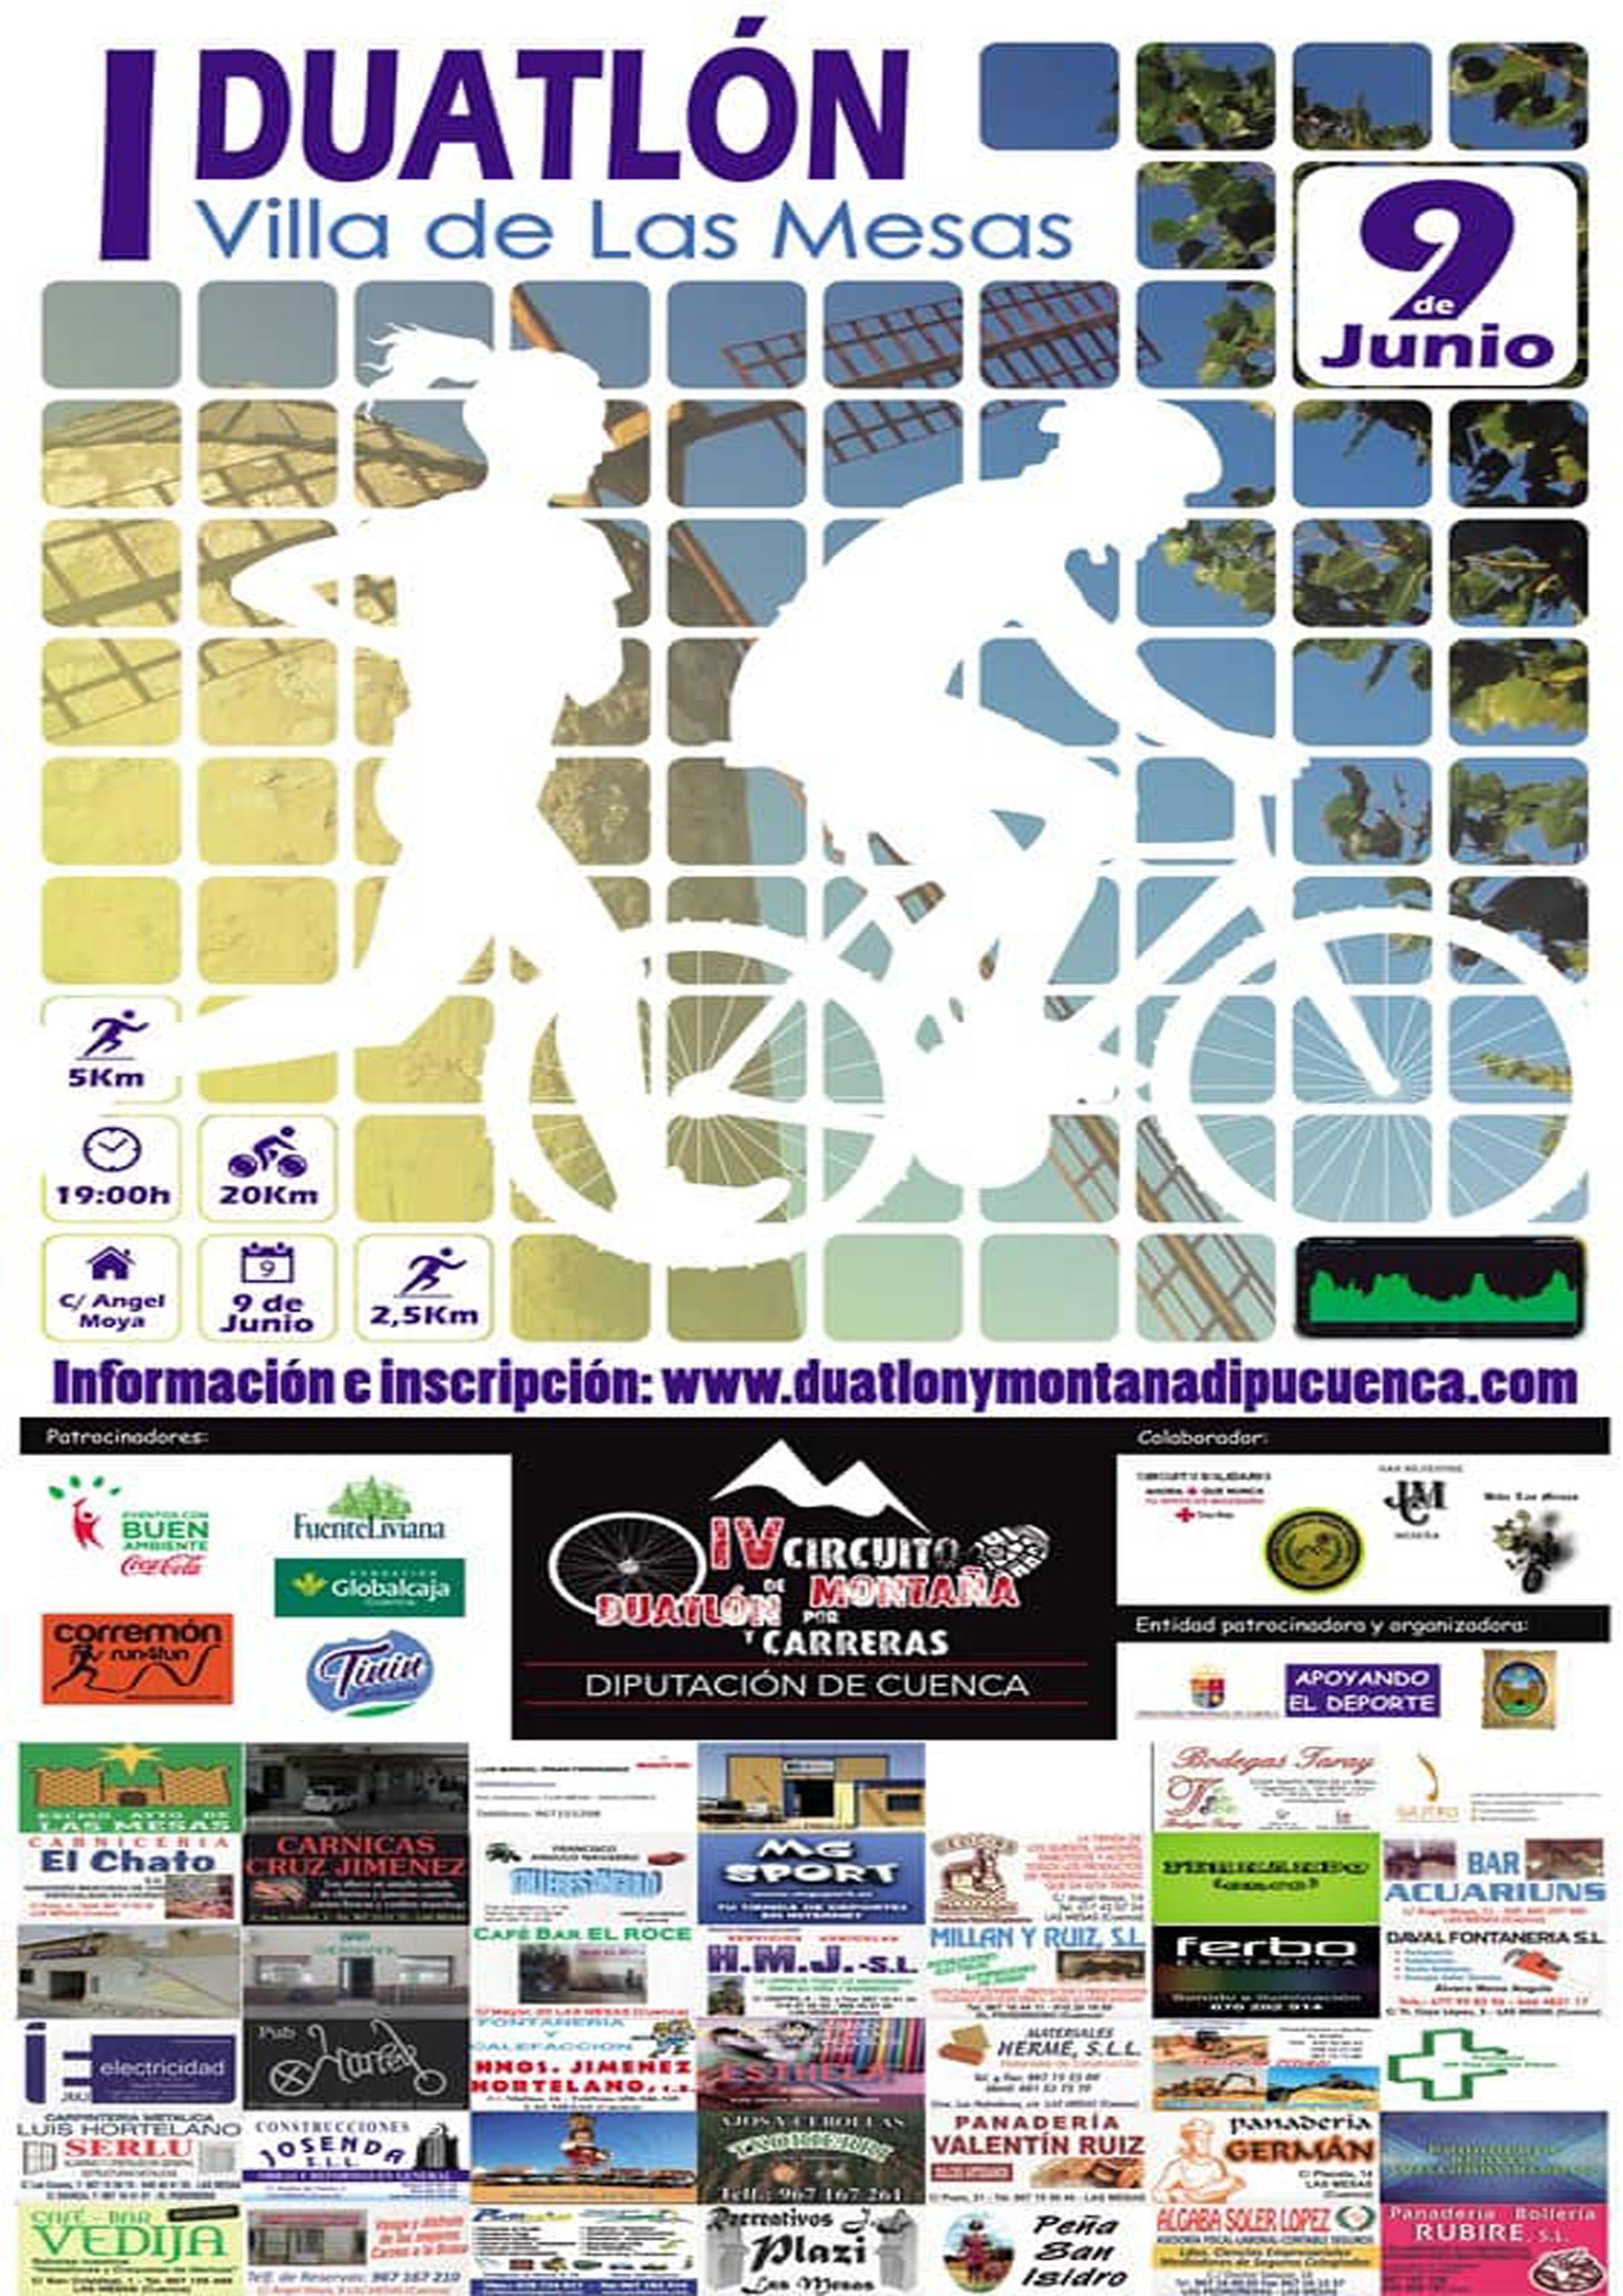 Circuito Diputacion Duatlon Croos Las Mesas. Mountain Bike. Runner. Montaña.